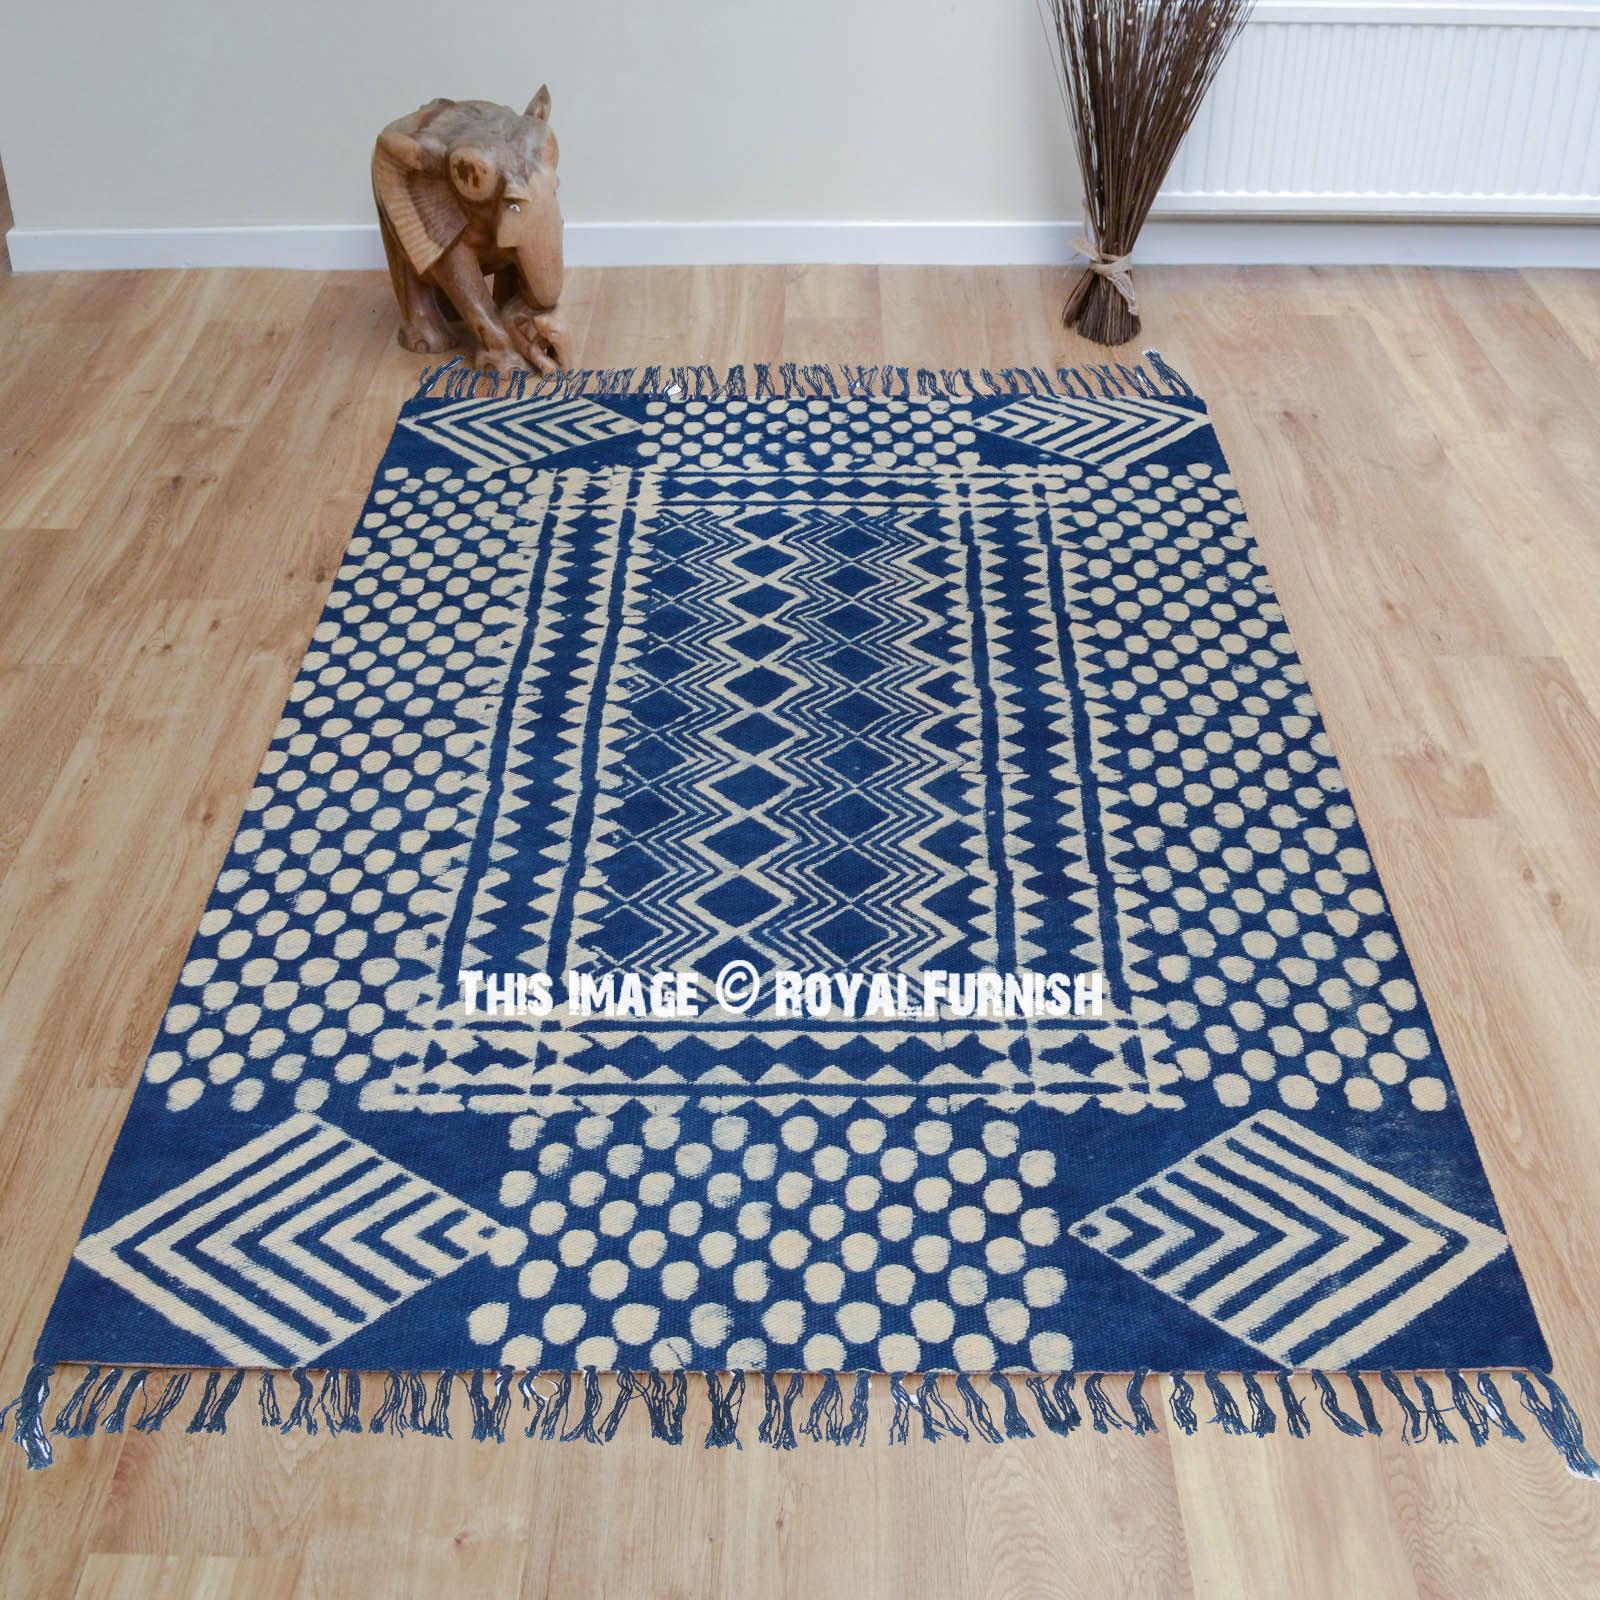 Indigo Blue Dots Zigzag Printed Outdoor Indoor Dhurrie Rug